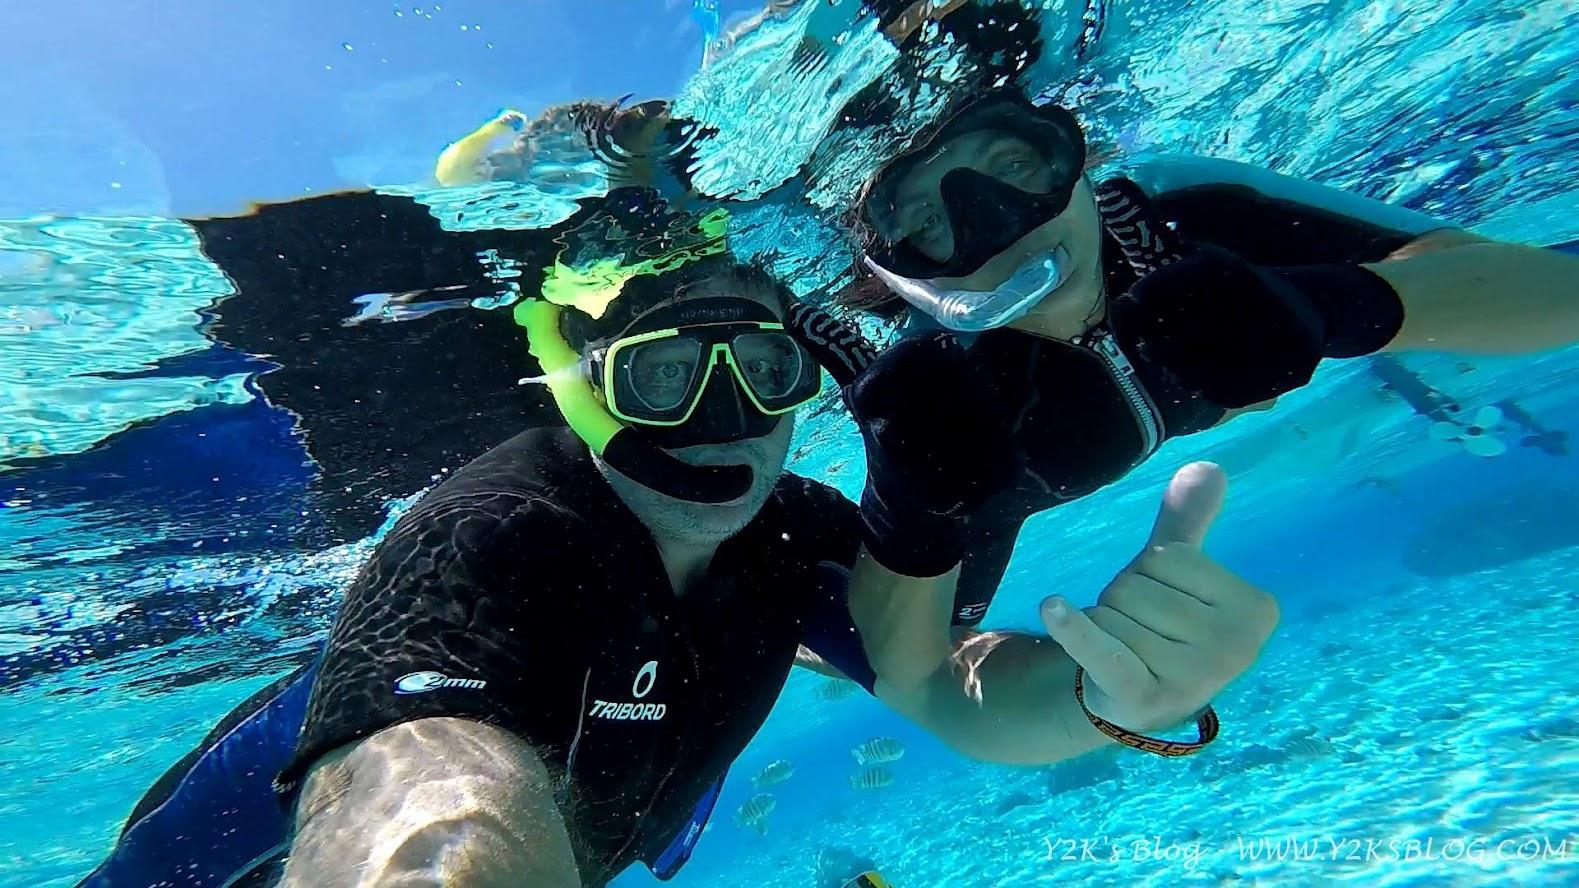 Fra uno squalo e l'altro - Bora Bora